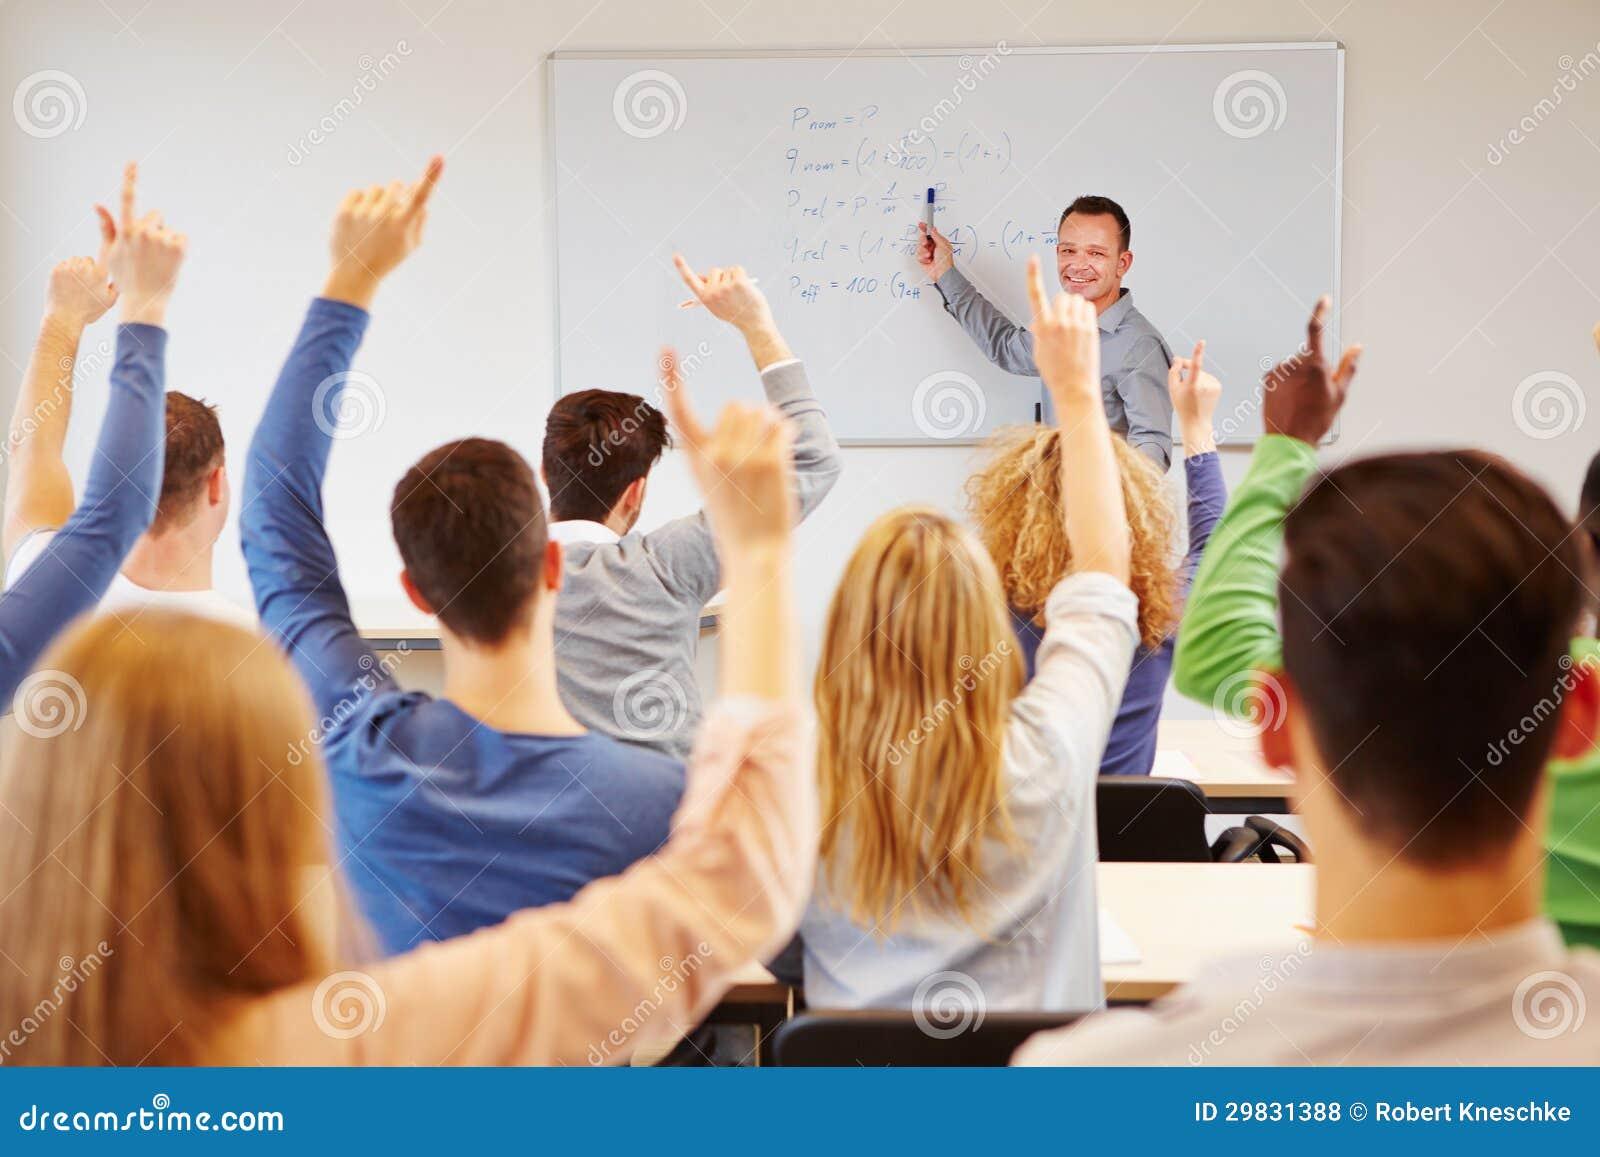 举手的学生在学院